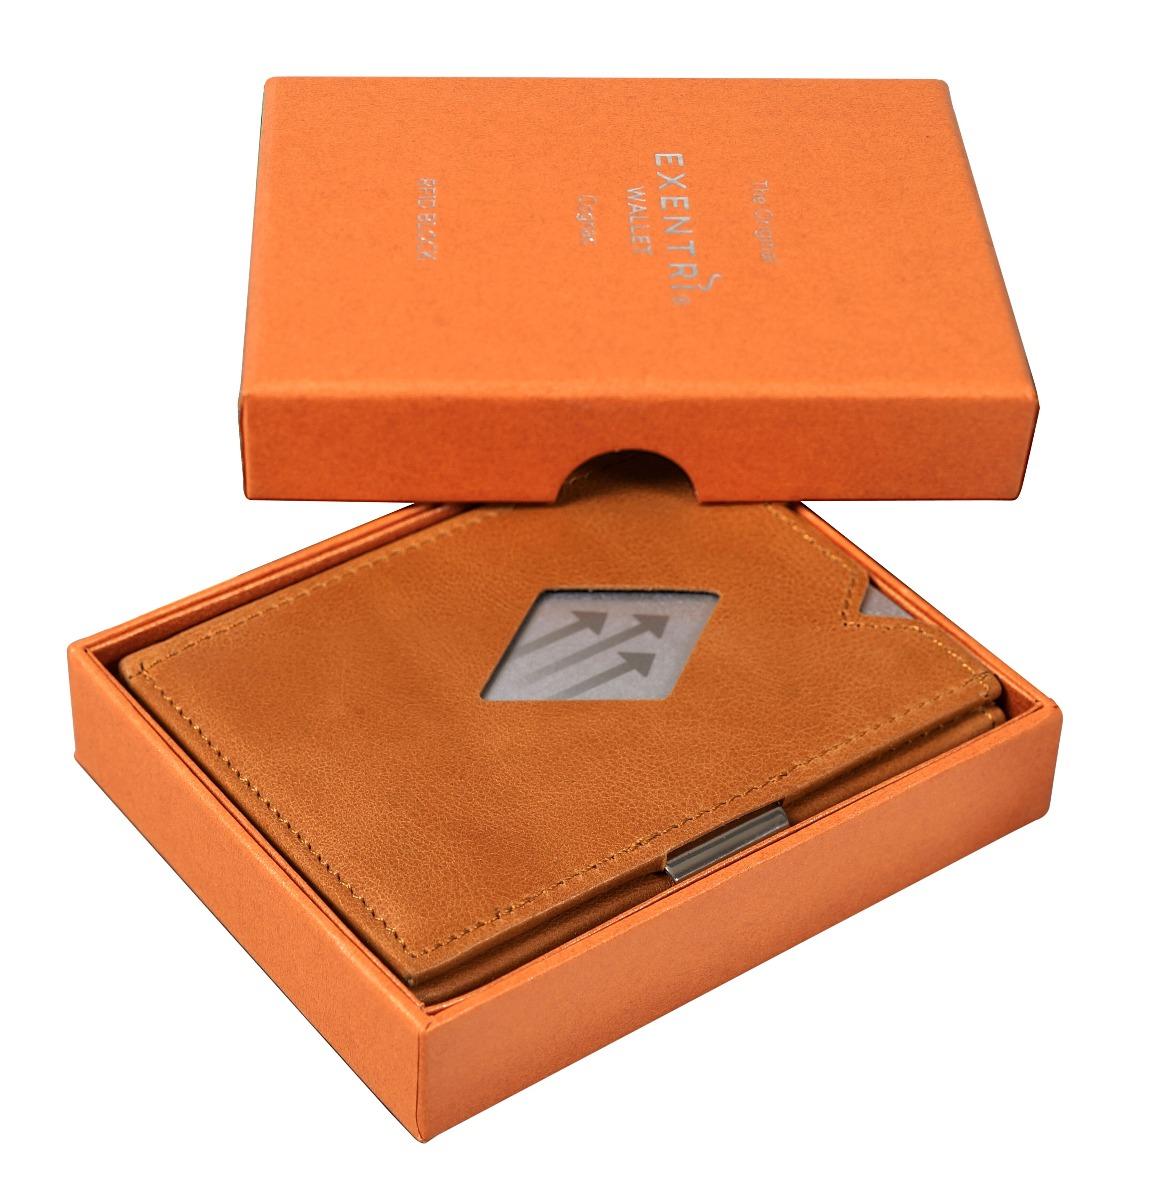 Exentri Cognac Nadčasový vzhled, jednoduché, ale funkční provedení a kvalitní materiál – to vše charakterizuje moderní peněženku Exentri.  šest přihrádek na platební a jiné karty na obou stranách peněženky kapsička sokénkem dostatečný prostor i na velké bankovky proužek na přichycení jízdenky či fotografie RFiD ochrana proti krádeži osobních údajů díky malým rozměrům se snadno vejde i do kapsy vyrobeno zpravé kůže